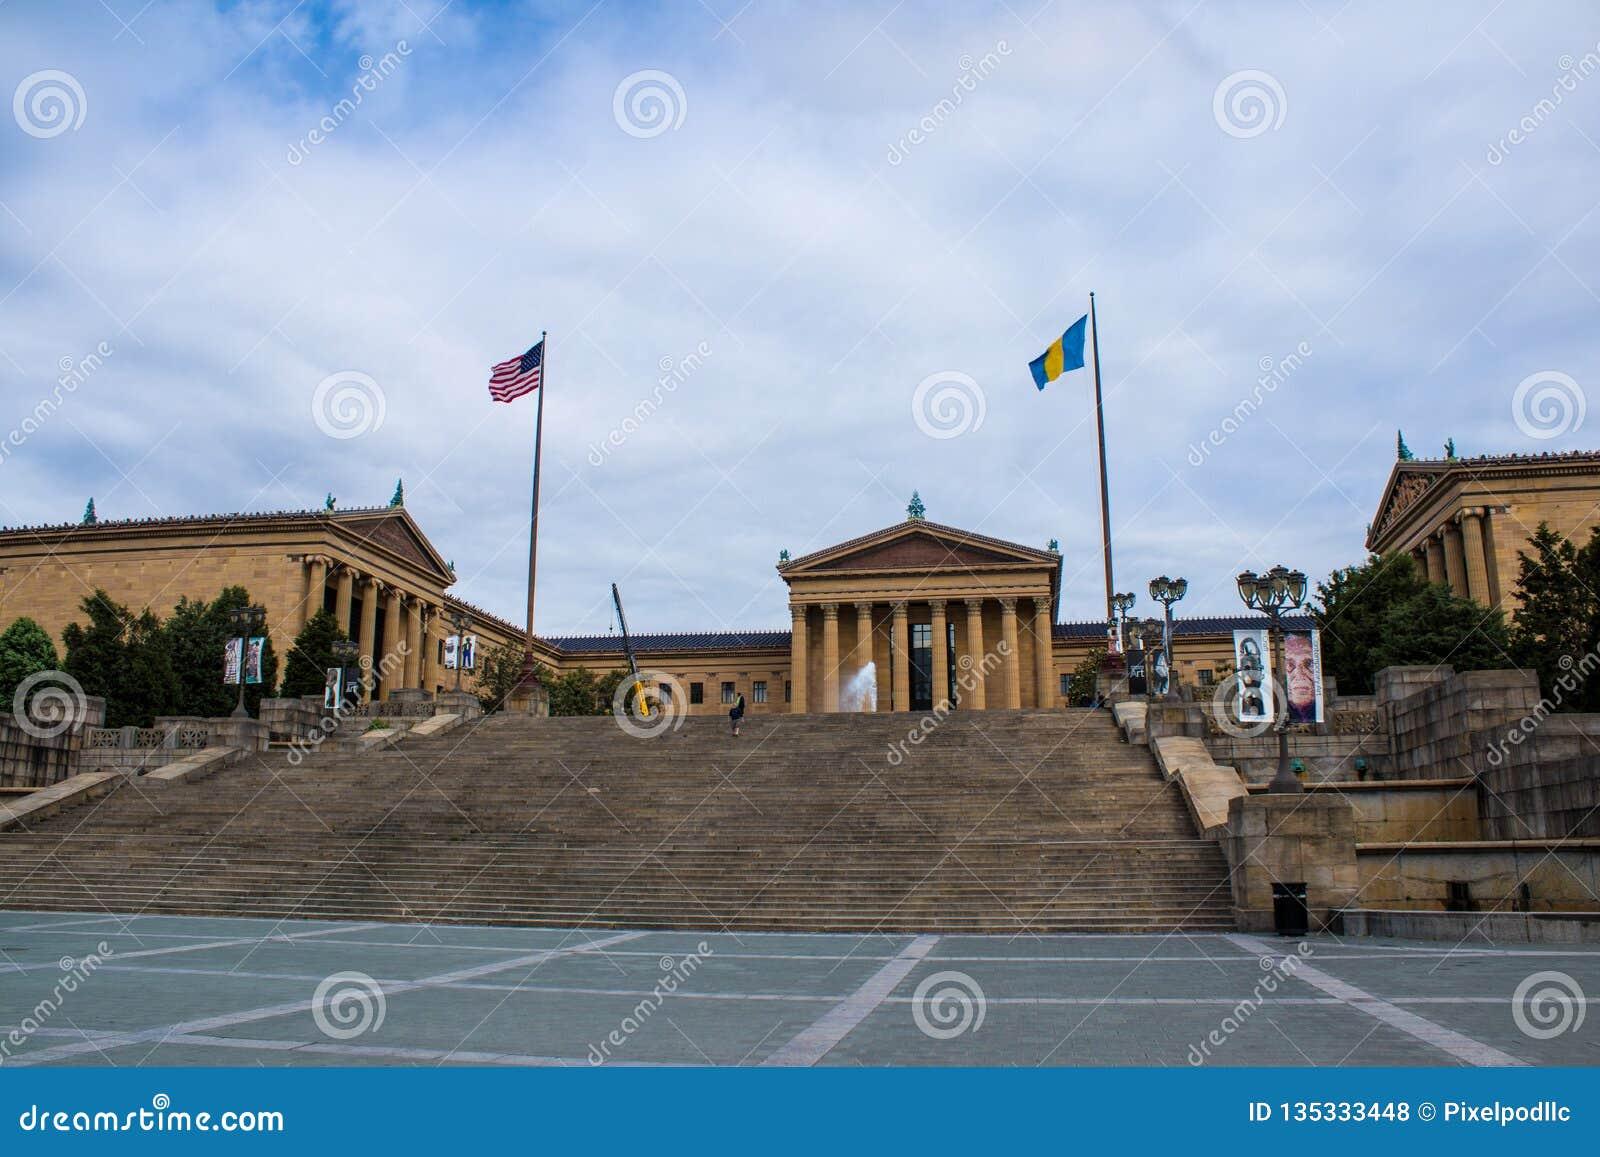 Музей изобразительных искусств Филадельфии